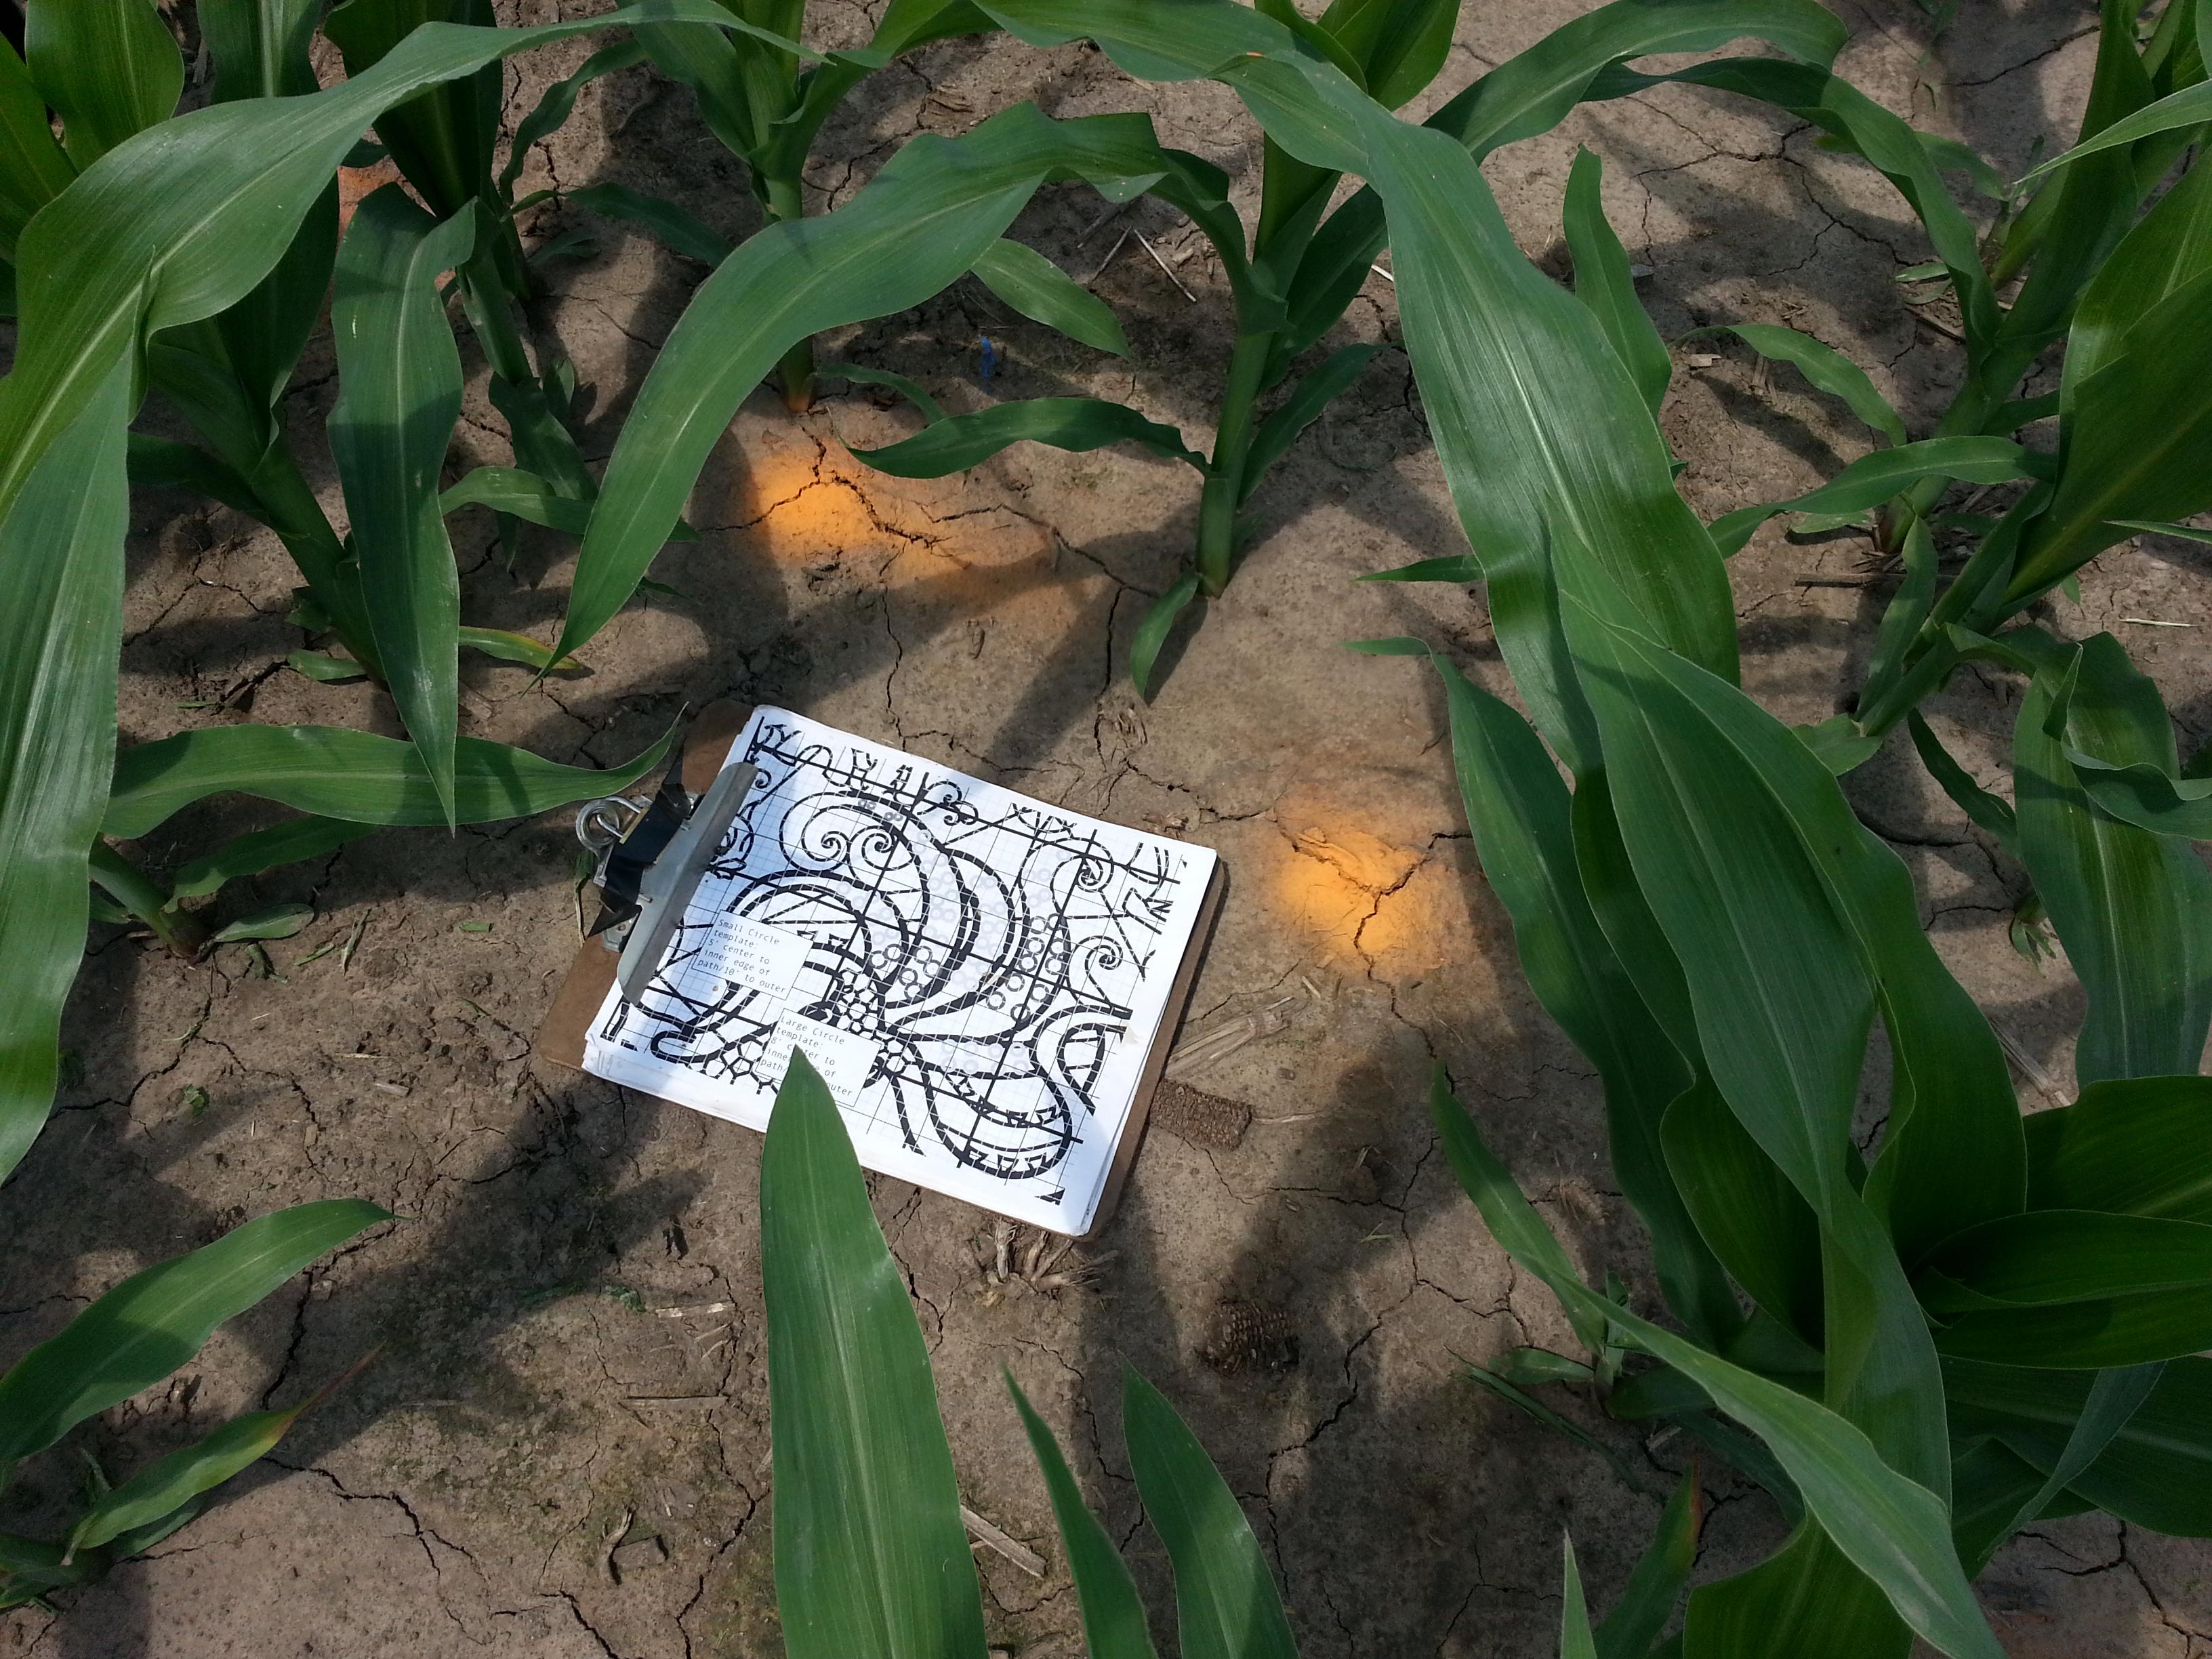 heated discussion over golden spiral treinen farm corn maze